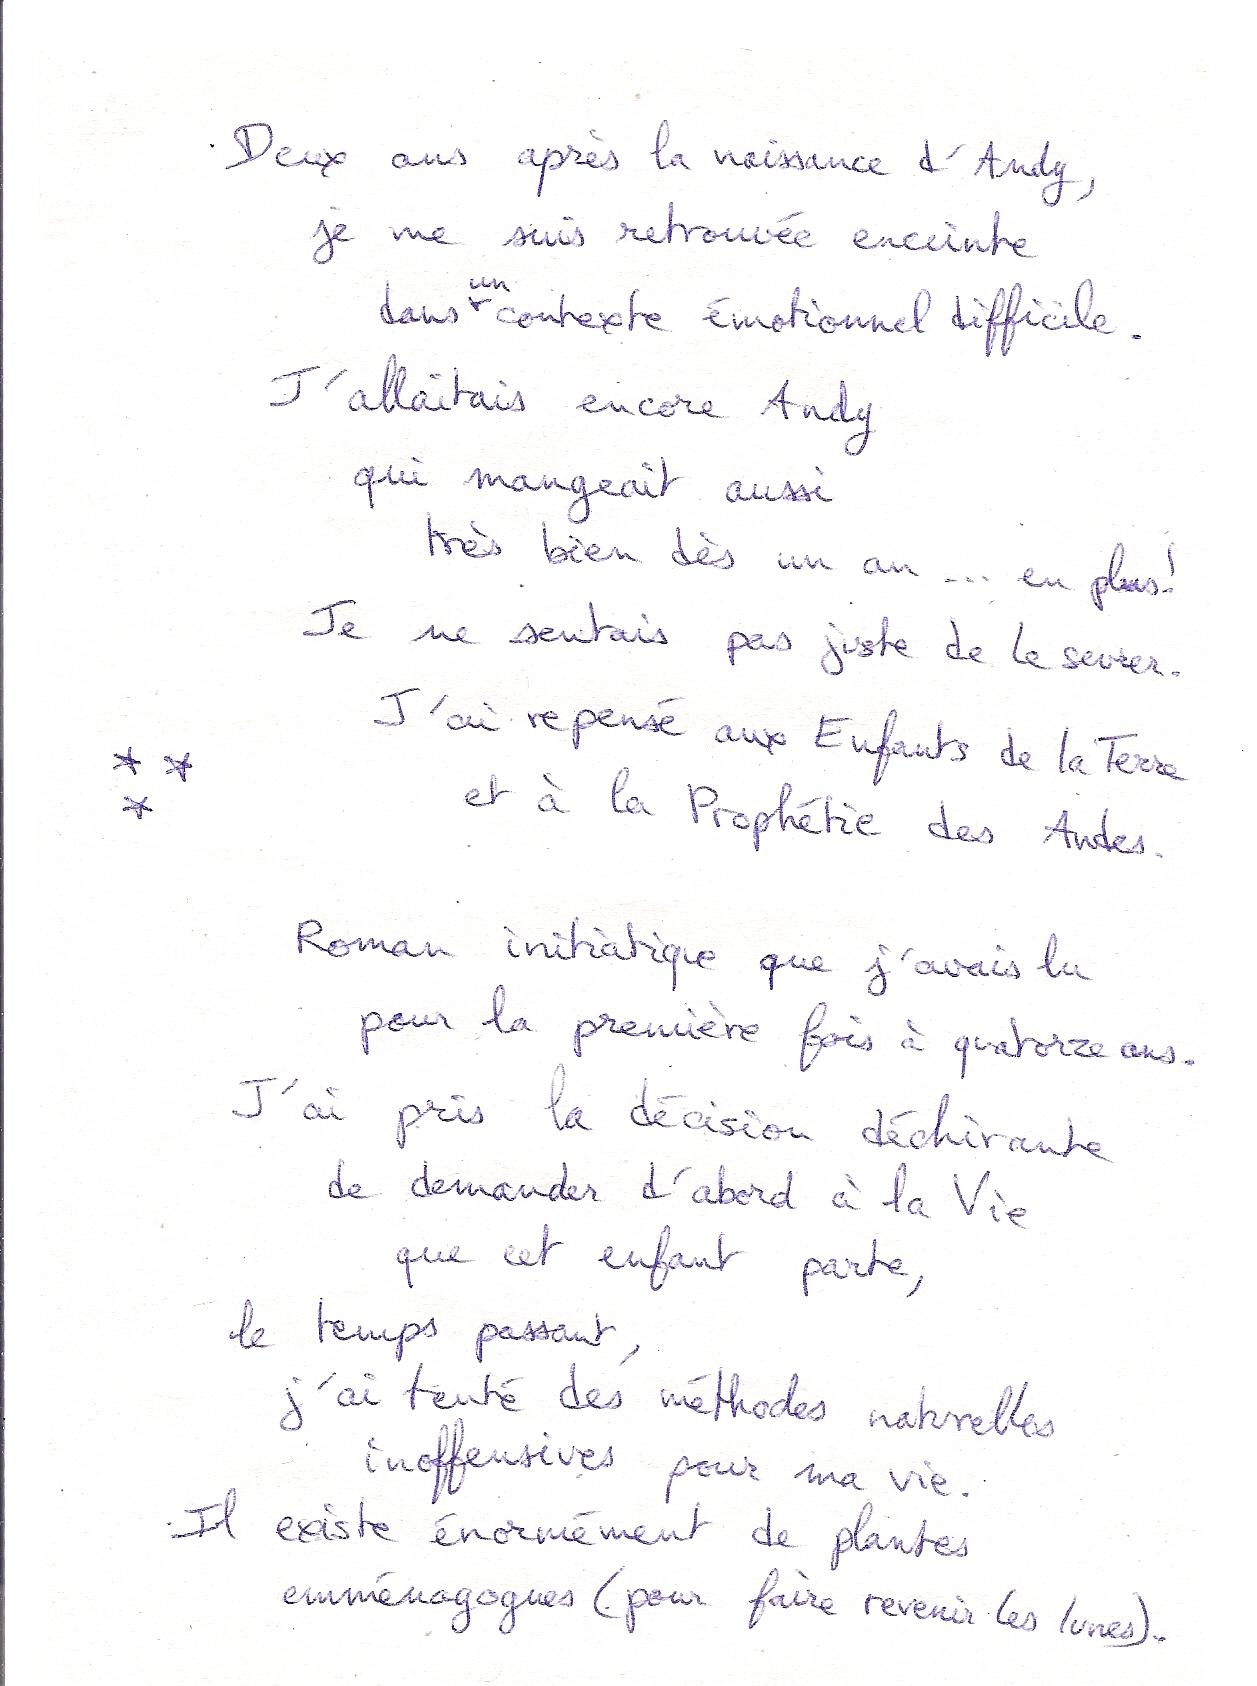 délicate-decision-VII-2